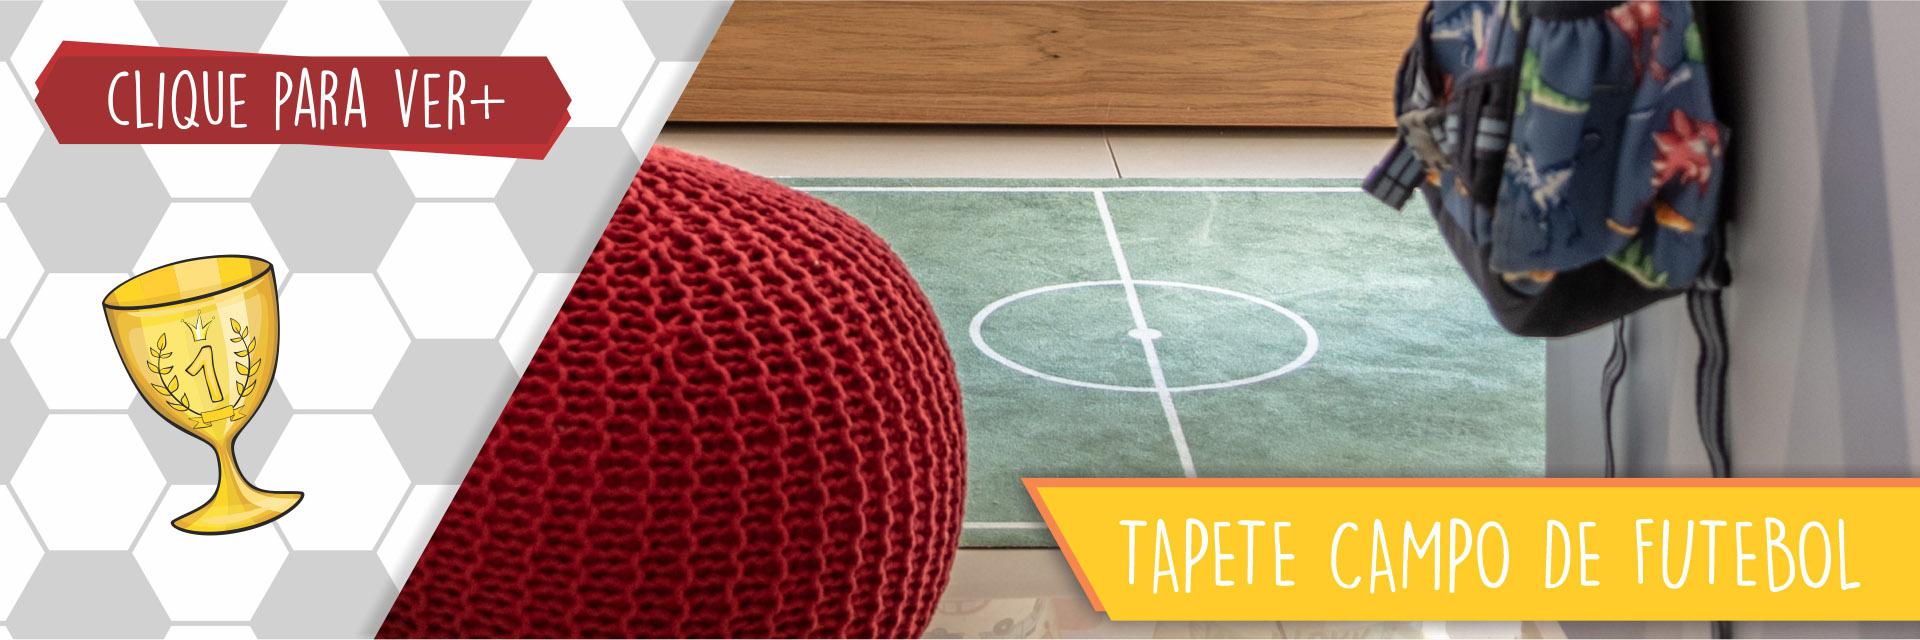 Full Banner Tapete Futebol